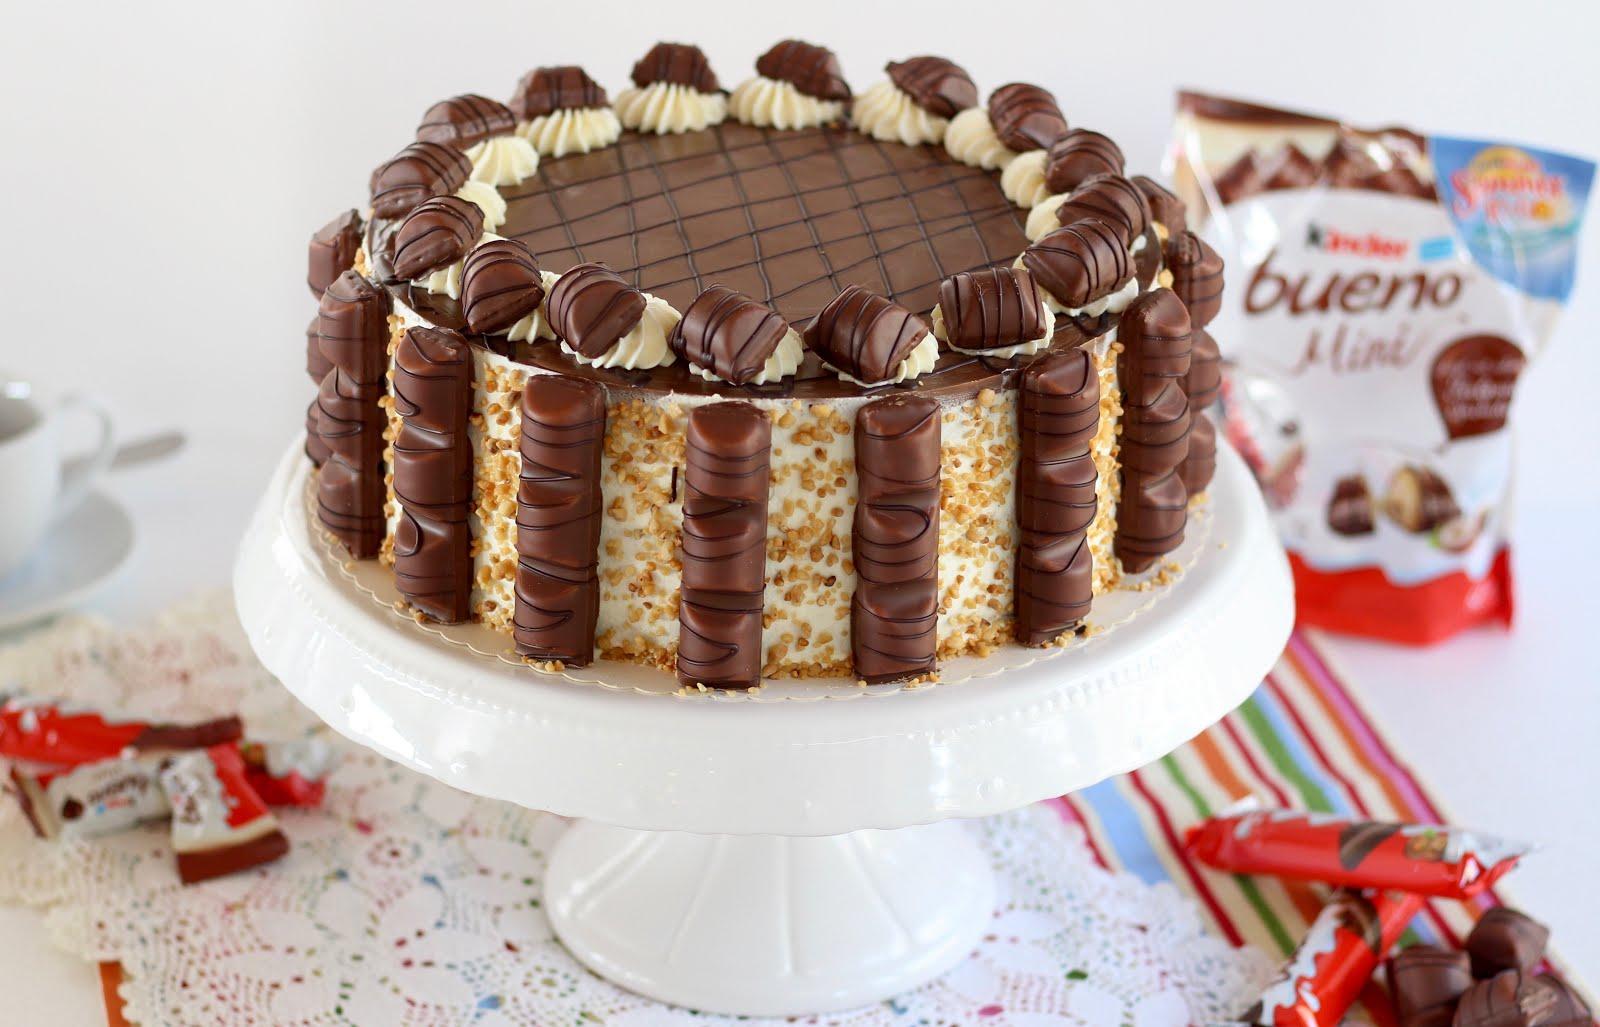 Unwiderstehliche Kinder Bueno Torte - der absolute Knaller für Haselnuss-Lover und Schoko-Freaks | Rezept und Video